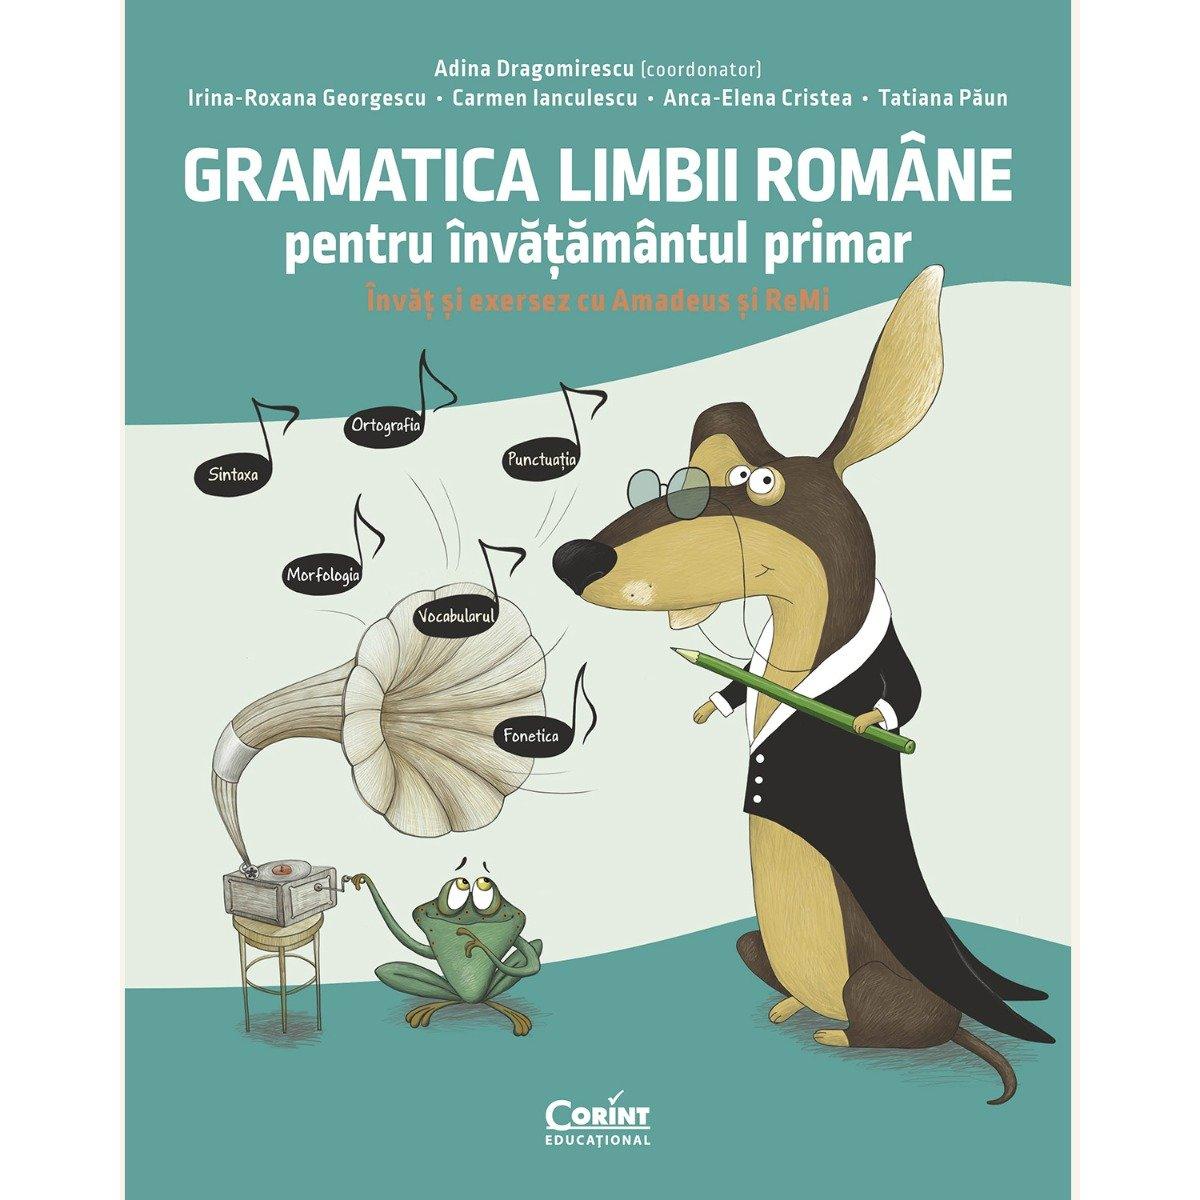 Gramatica limbii romane pentru invatamantul primar, Invat si exersez cu Amadeus si Remi, Adina Dragomirescu